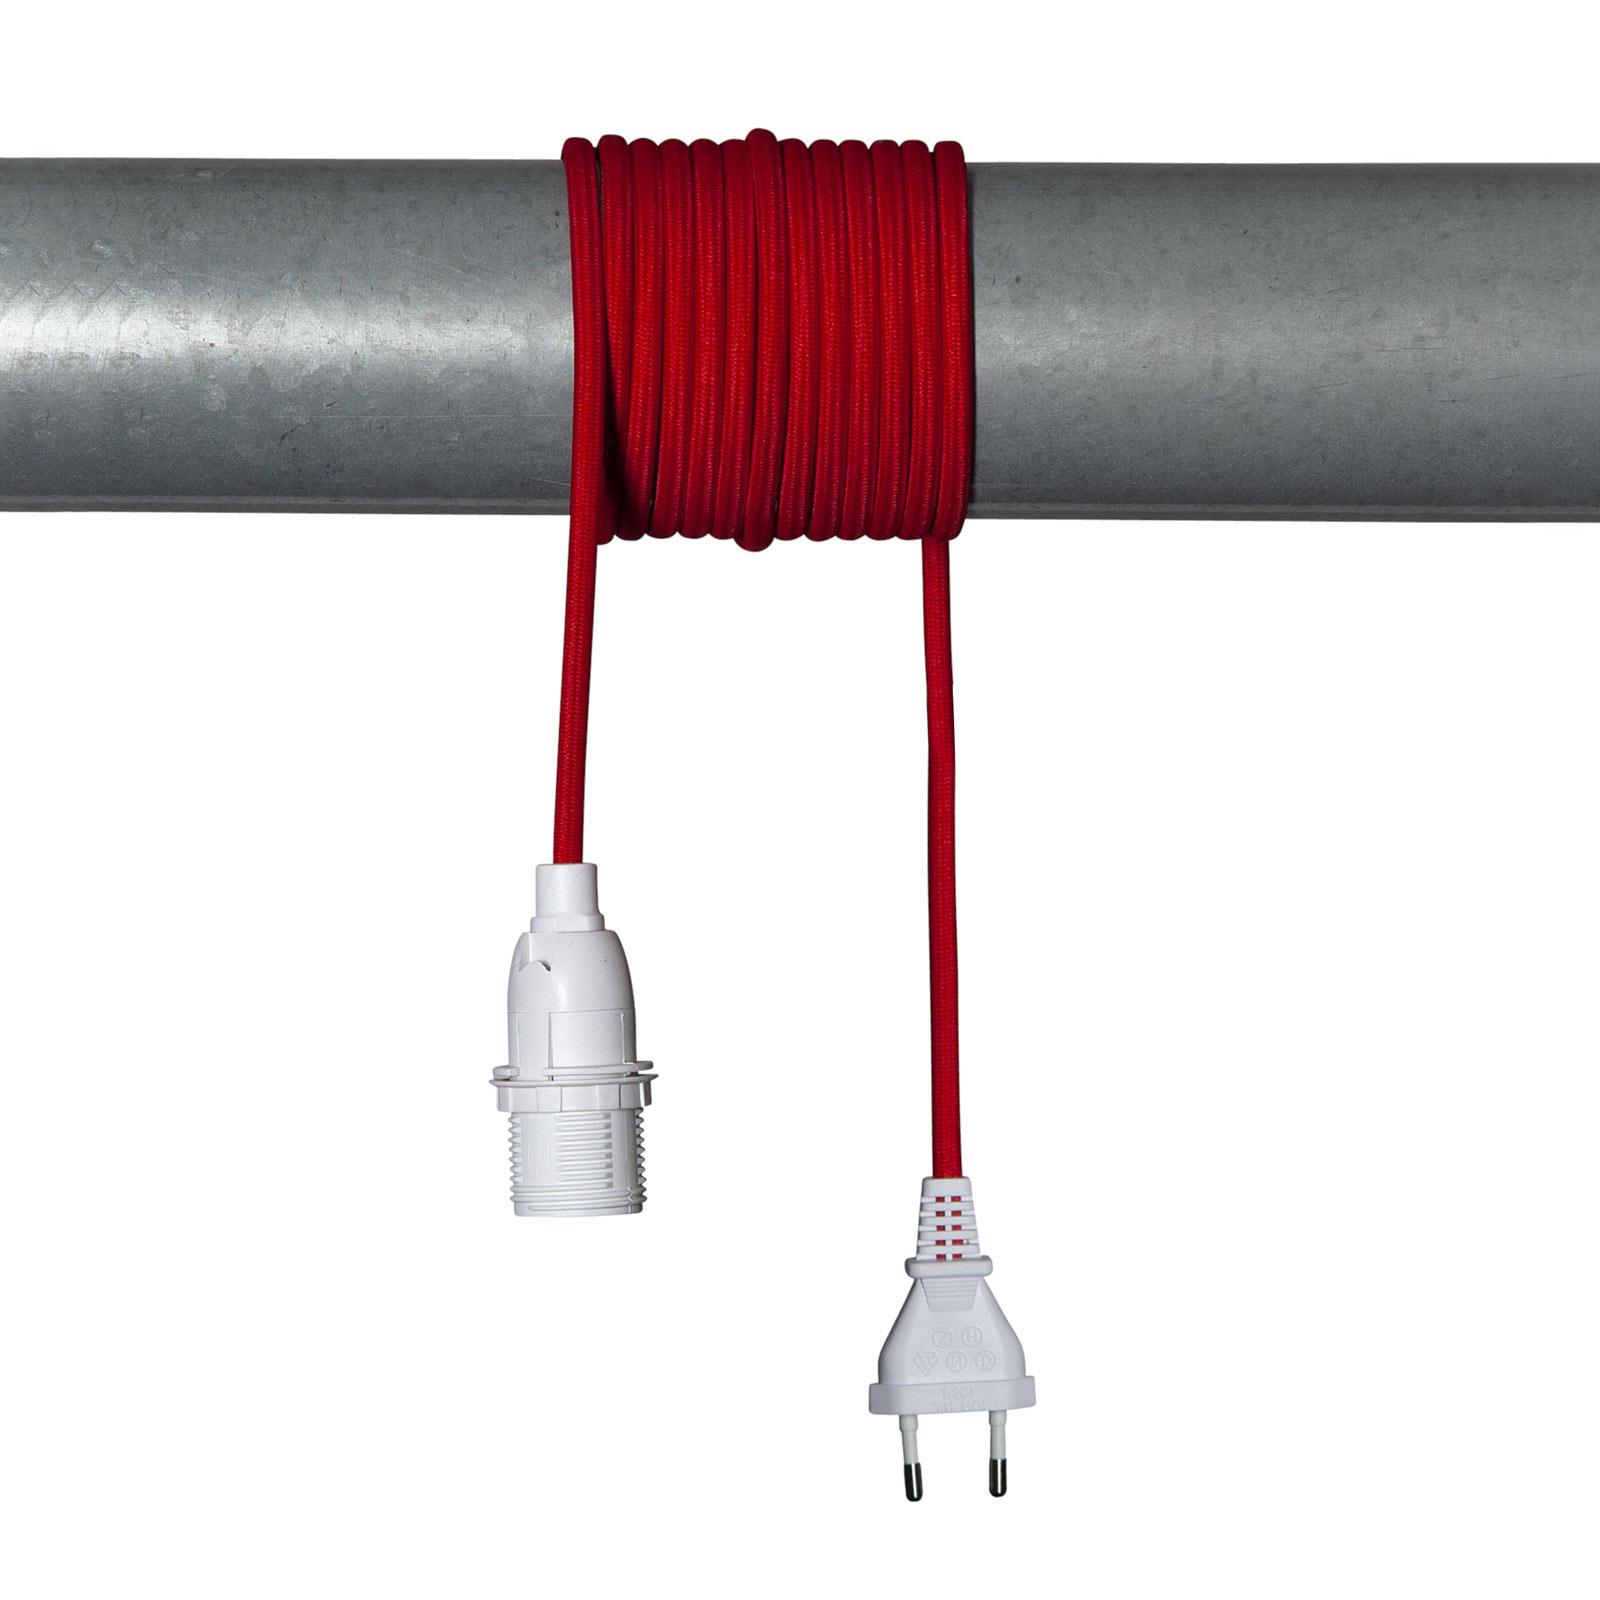 Douille E14 Lacy avec câble, rouge et blanc